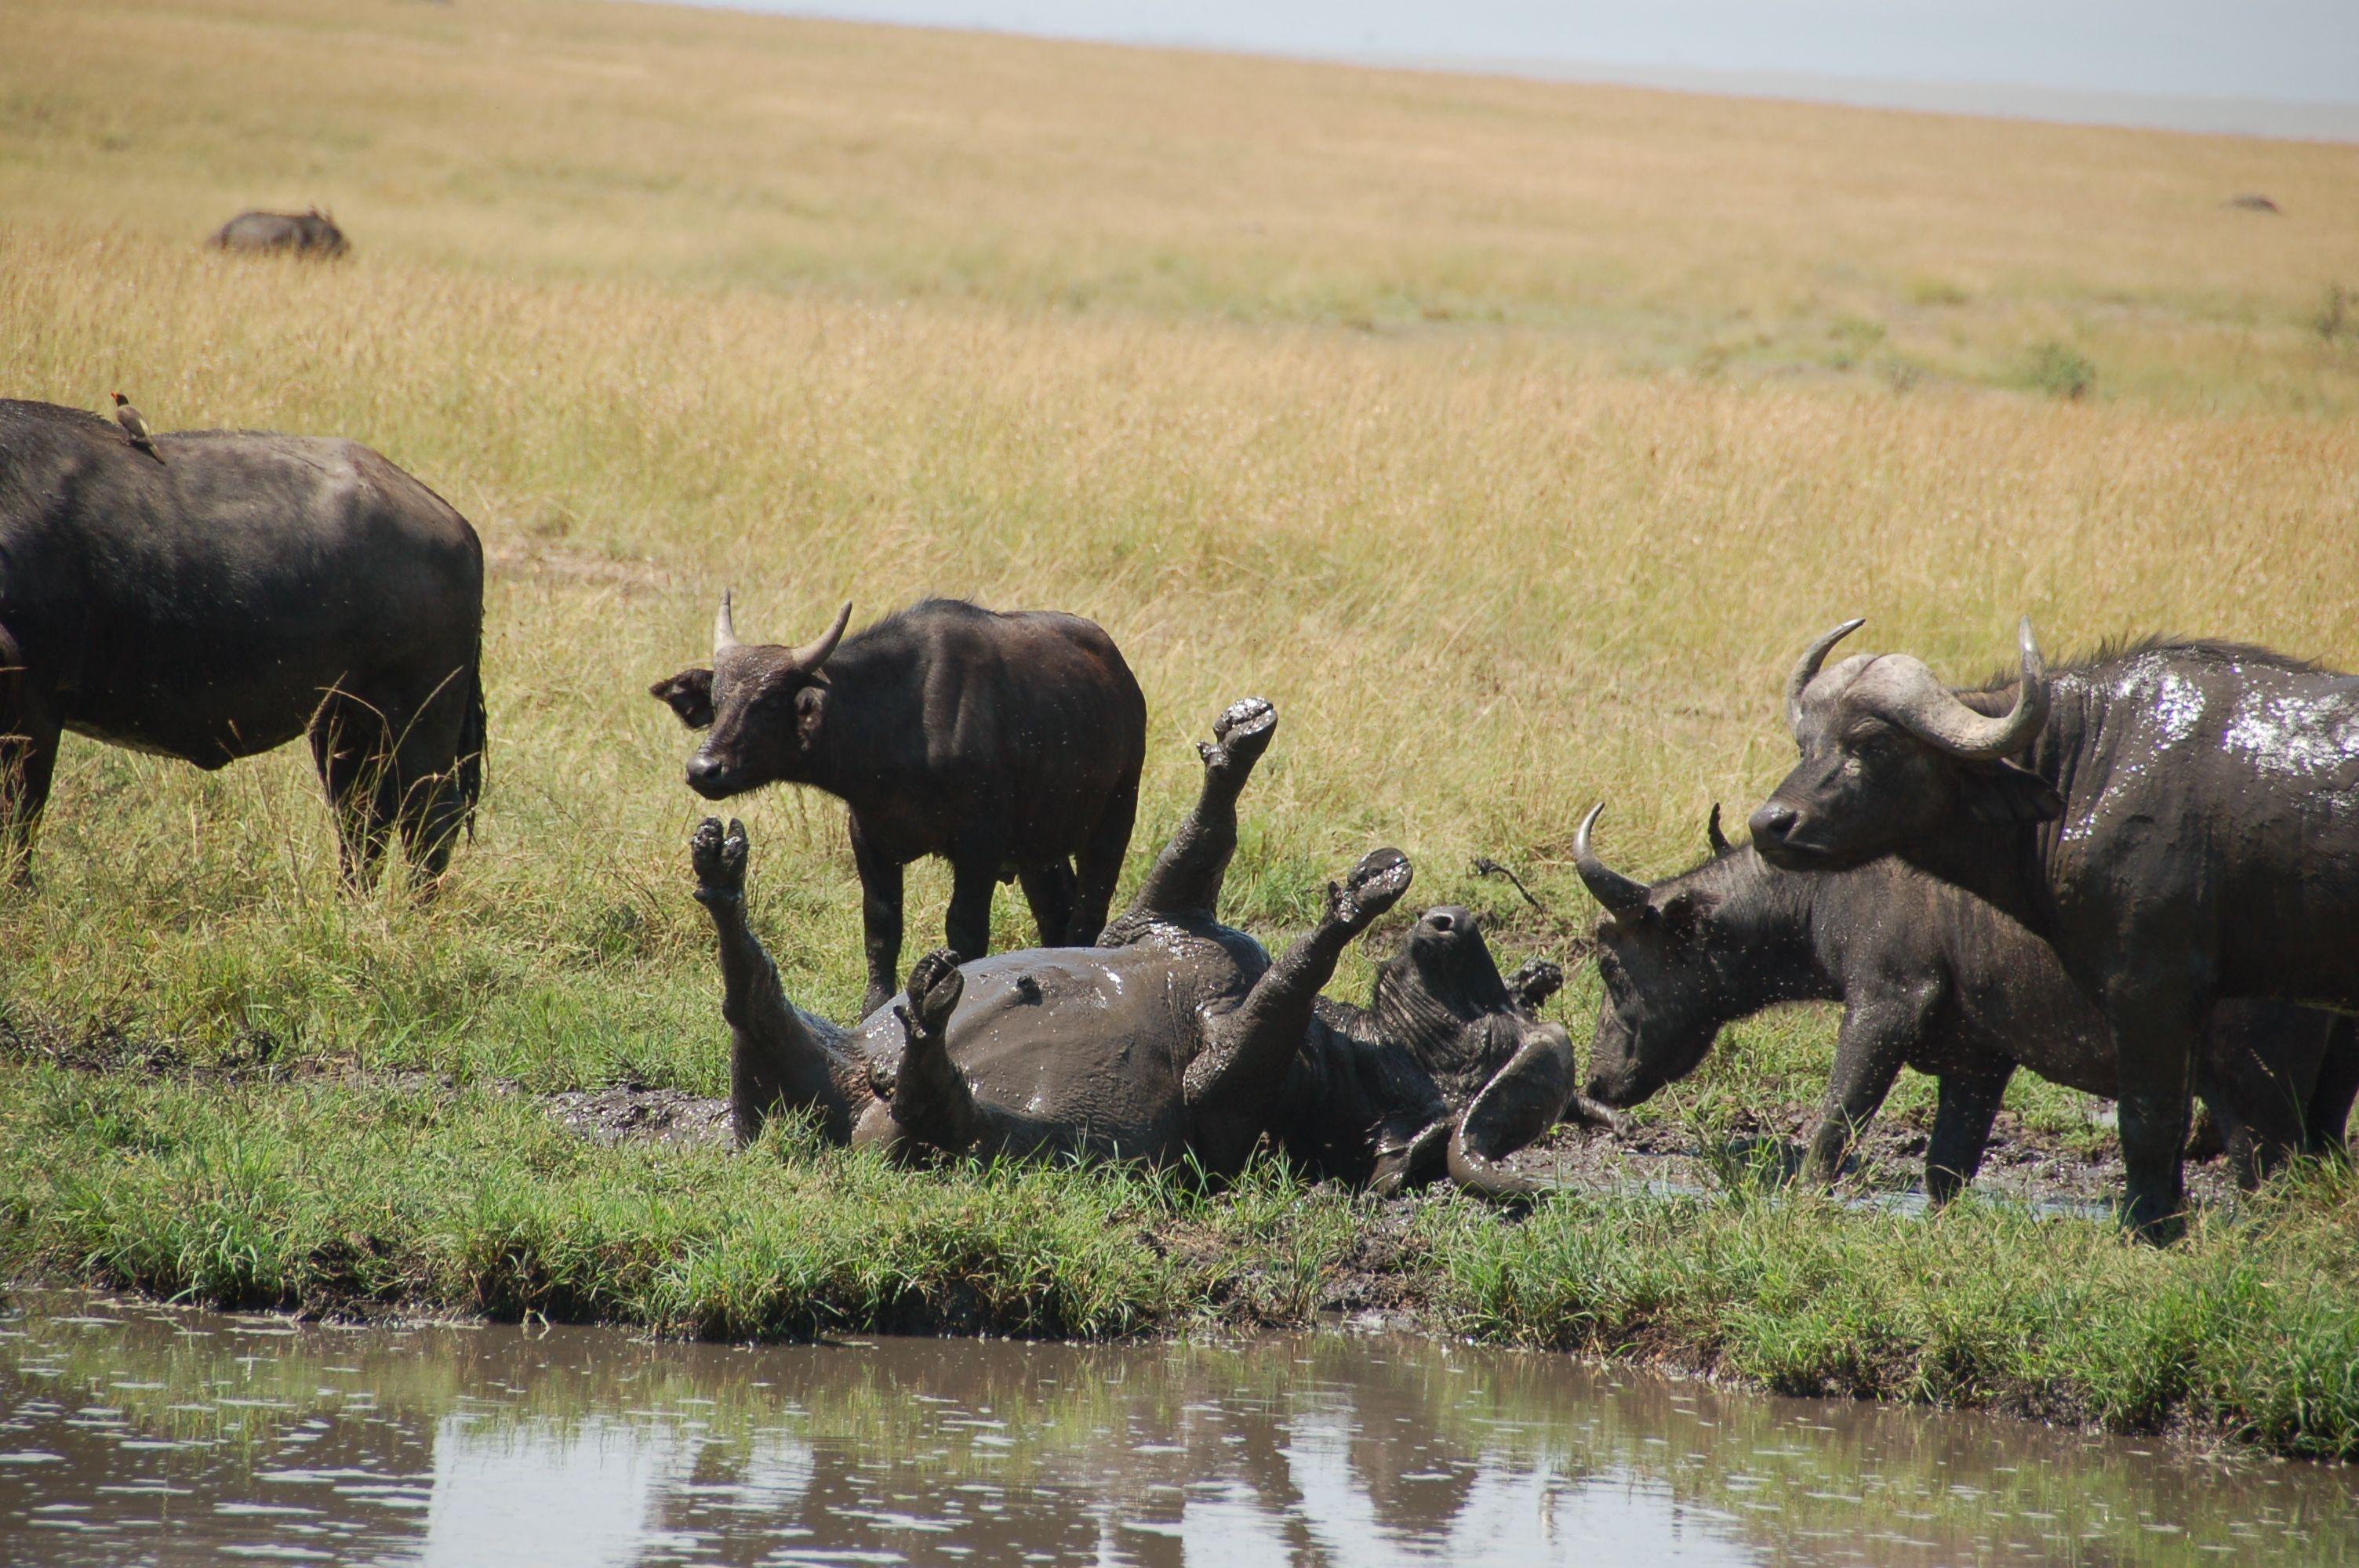 Bufalo at Masai Mara